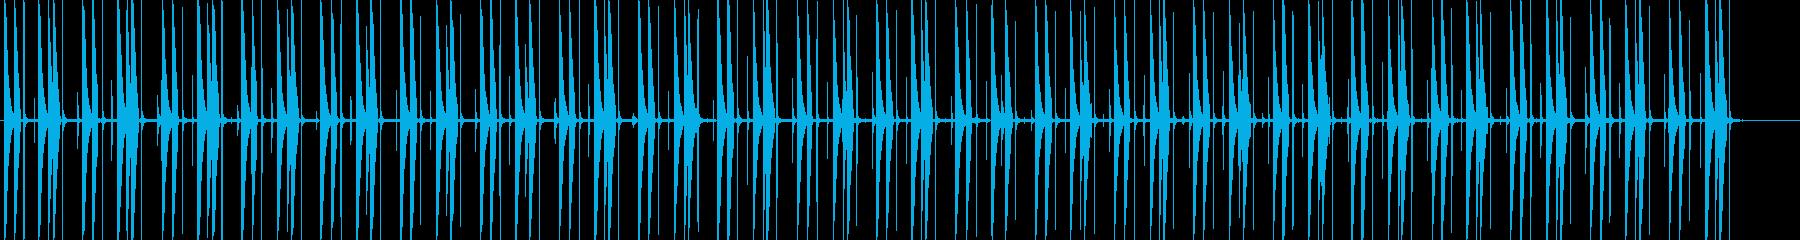 ファンキーなコンガビートの再生済みの波形